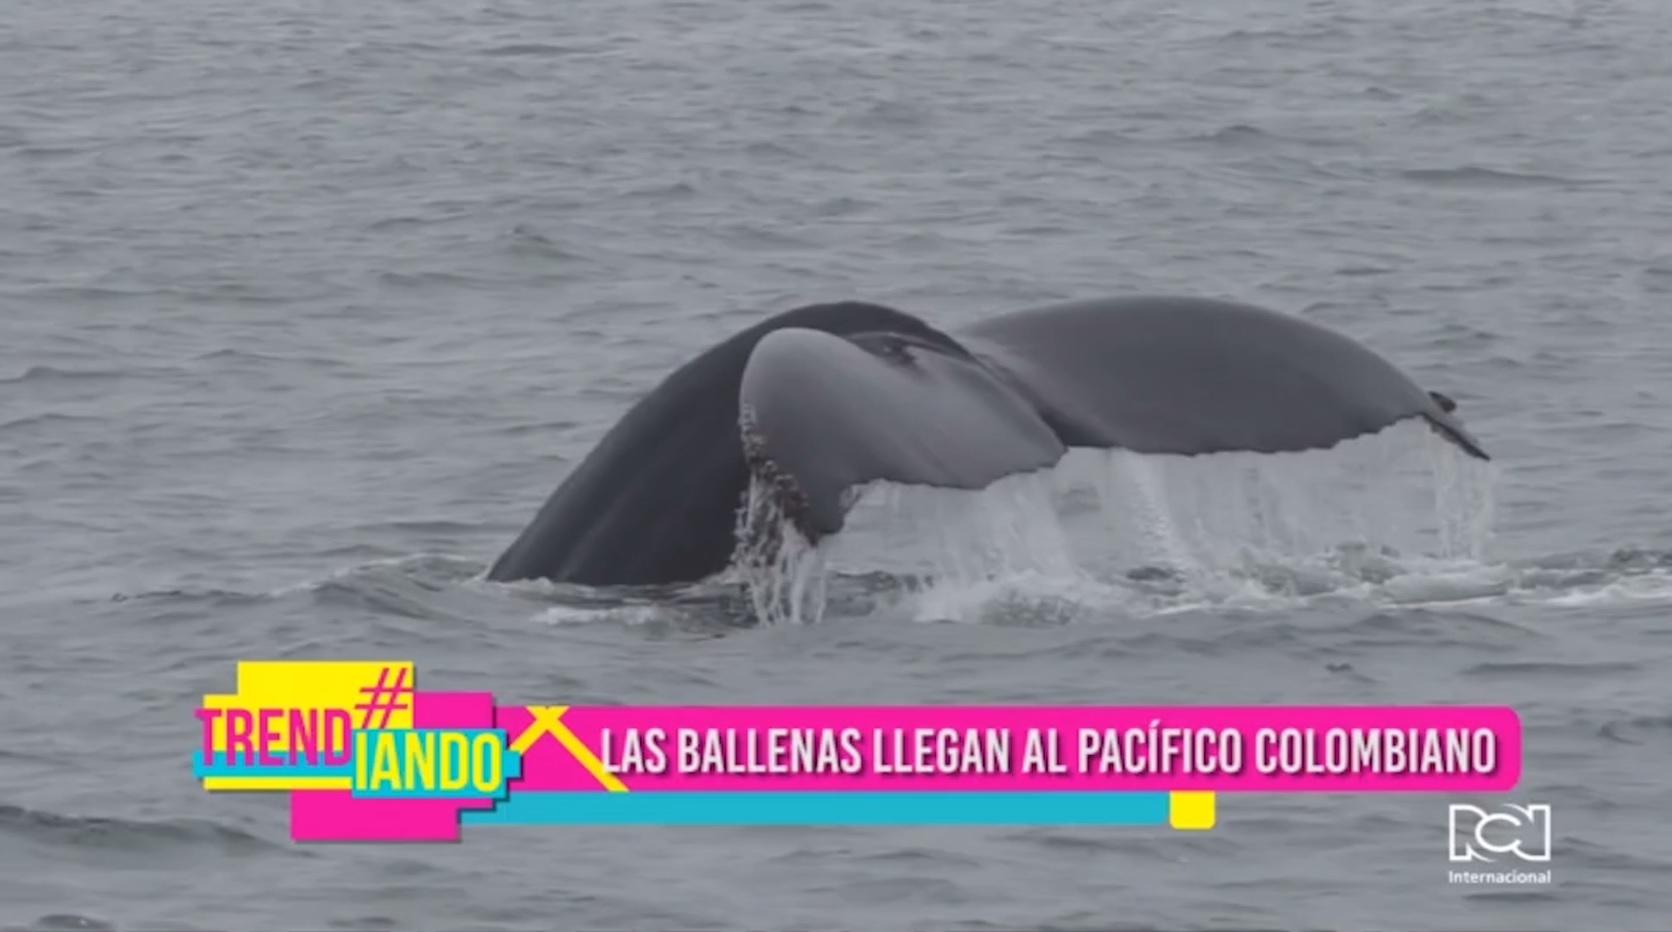 Ballenas llegan al Pacífico colombiano